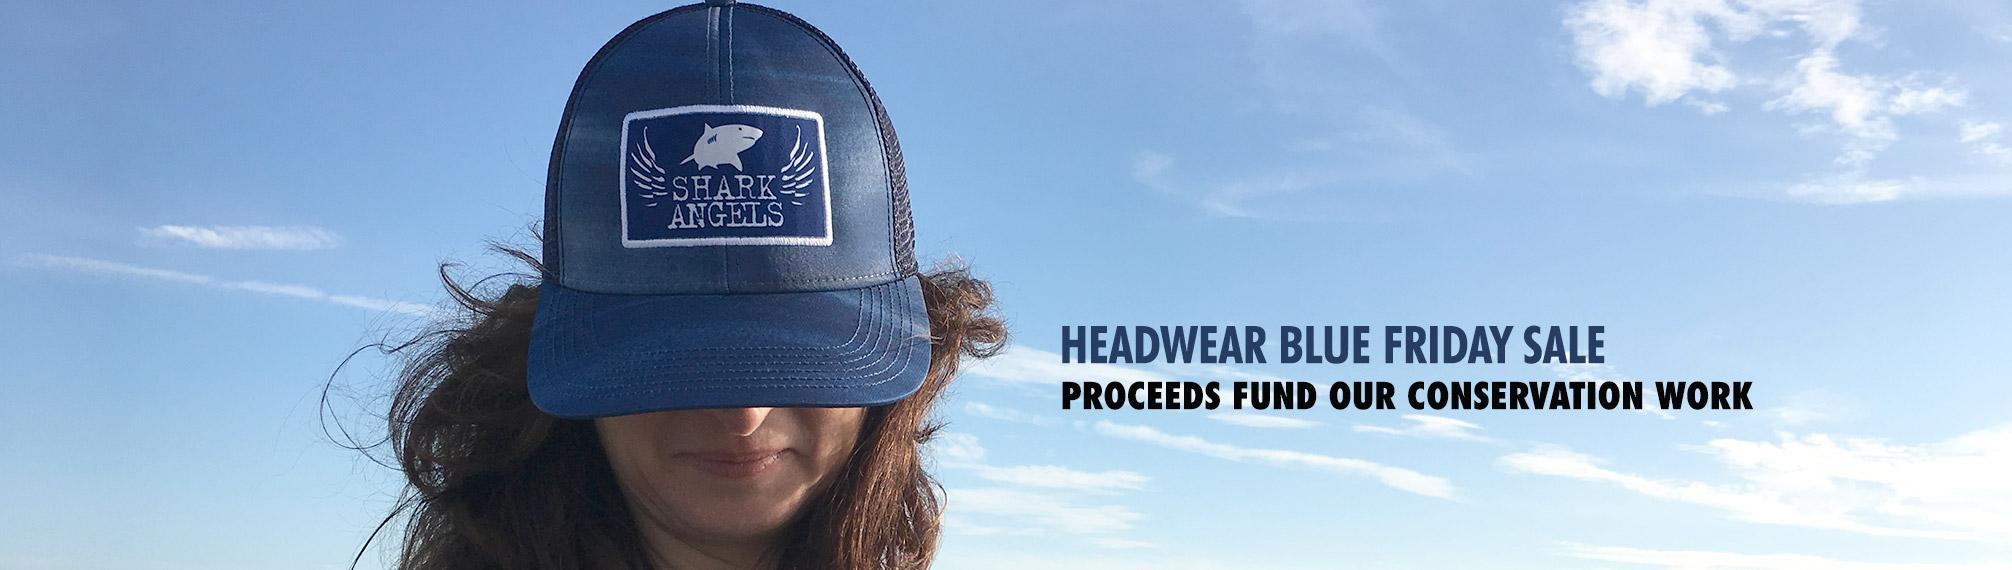 category-banner-headwear-blue-friday-sale.jpg